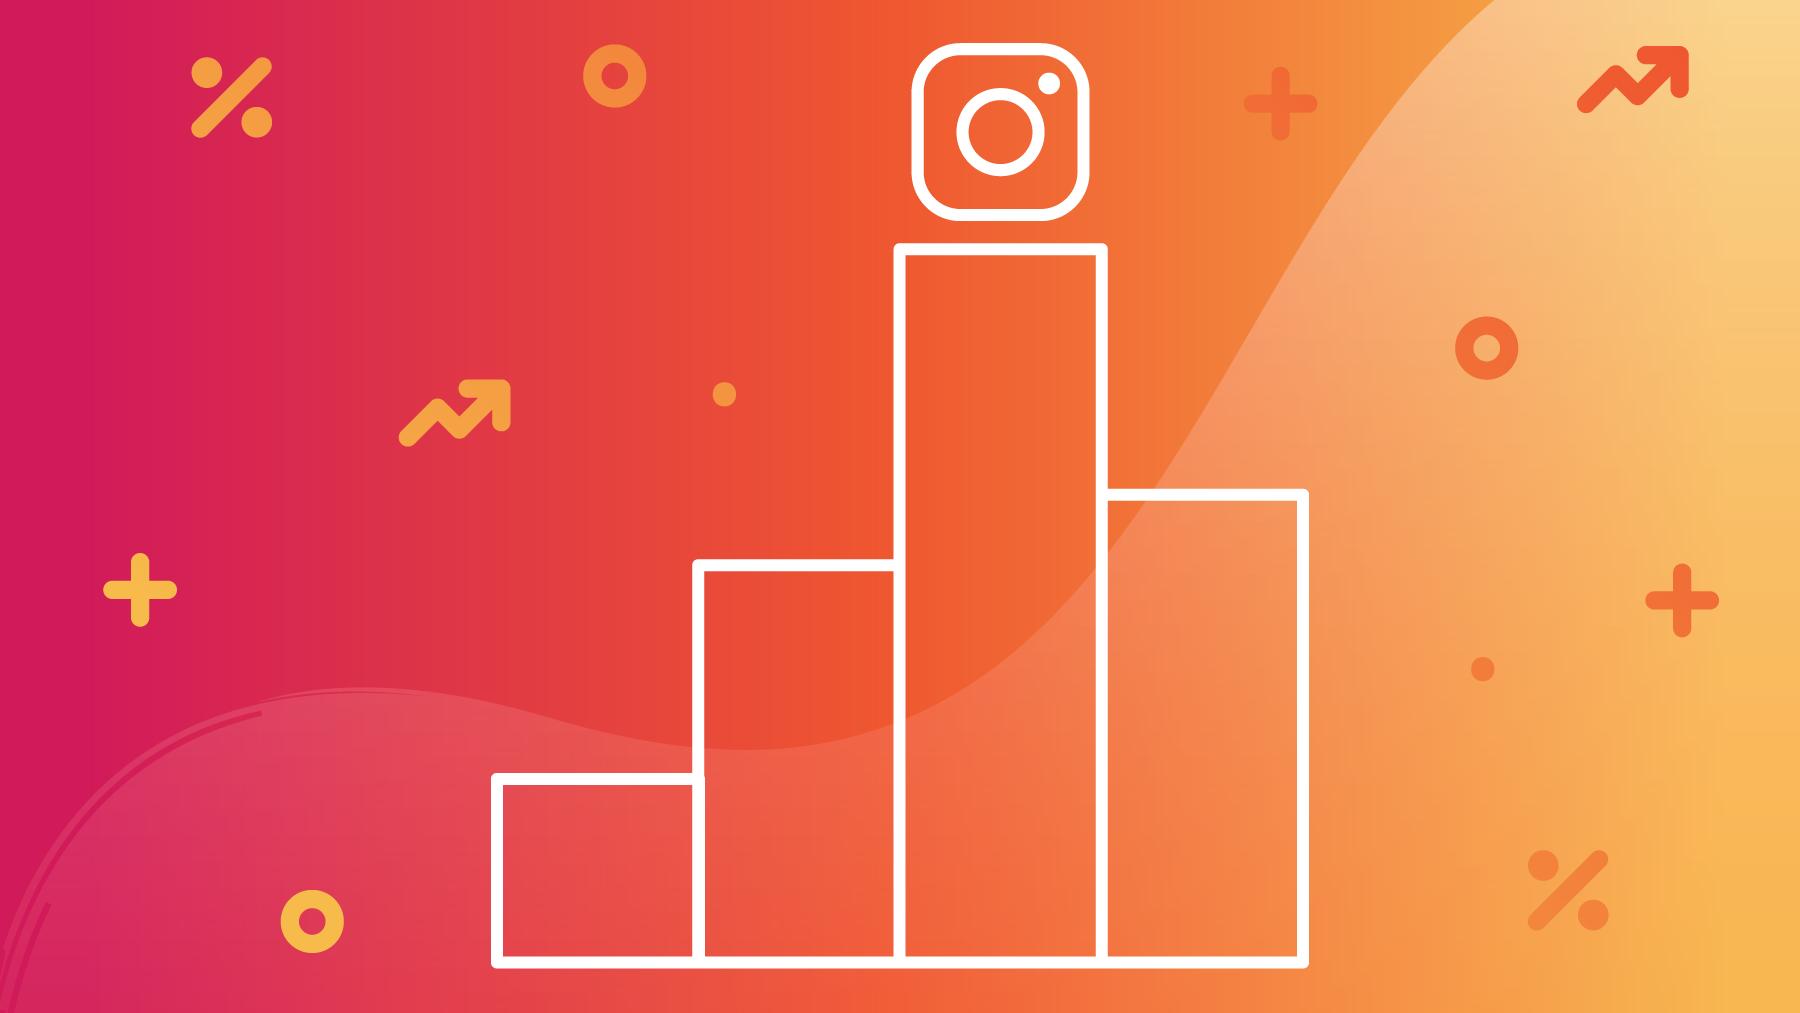 Instagram analytics insights